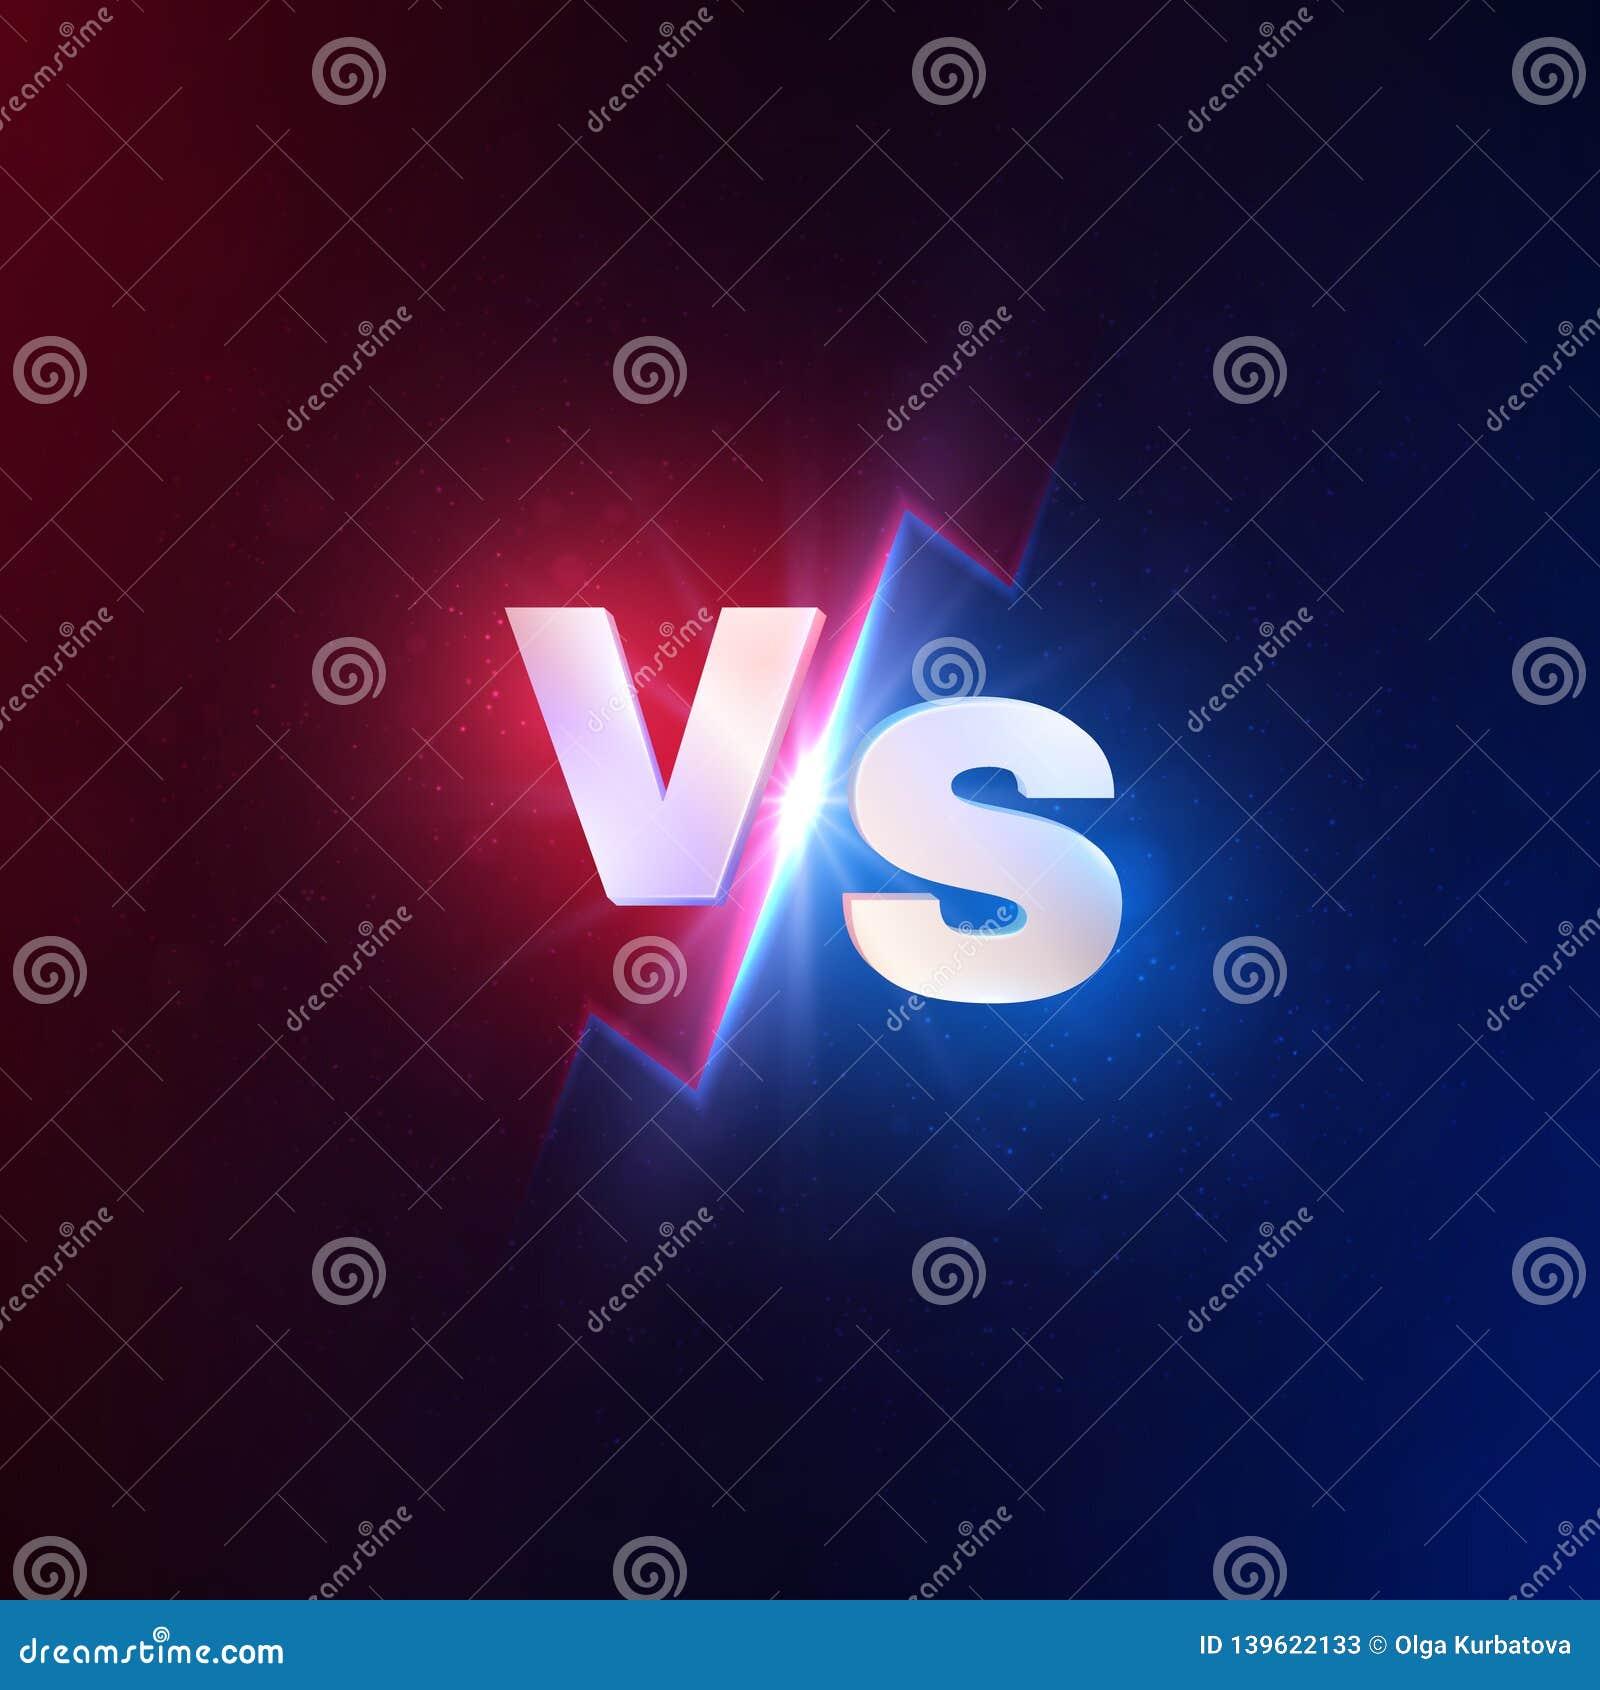 Gegen Hintergrund Gegen Kampfwettbewerb Muttahida Majlis-e-Amal kämpfende Herausforderung Lucha-Duell gegen Wettbewerbkonzept